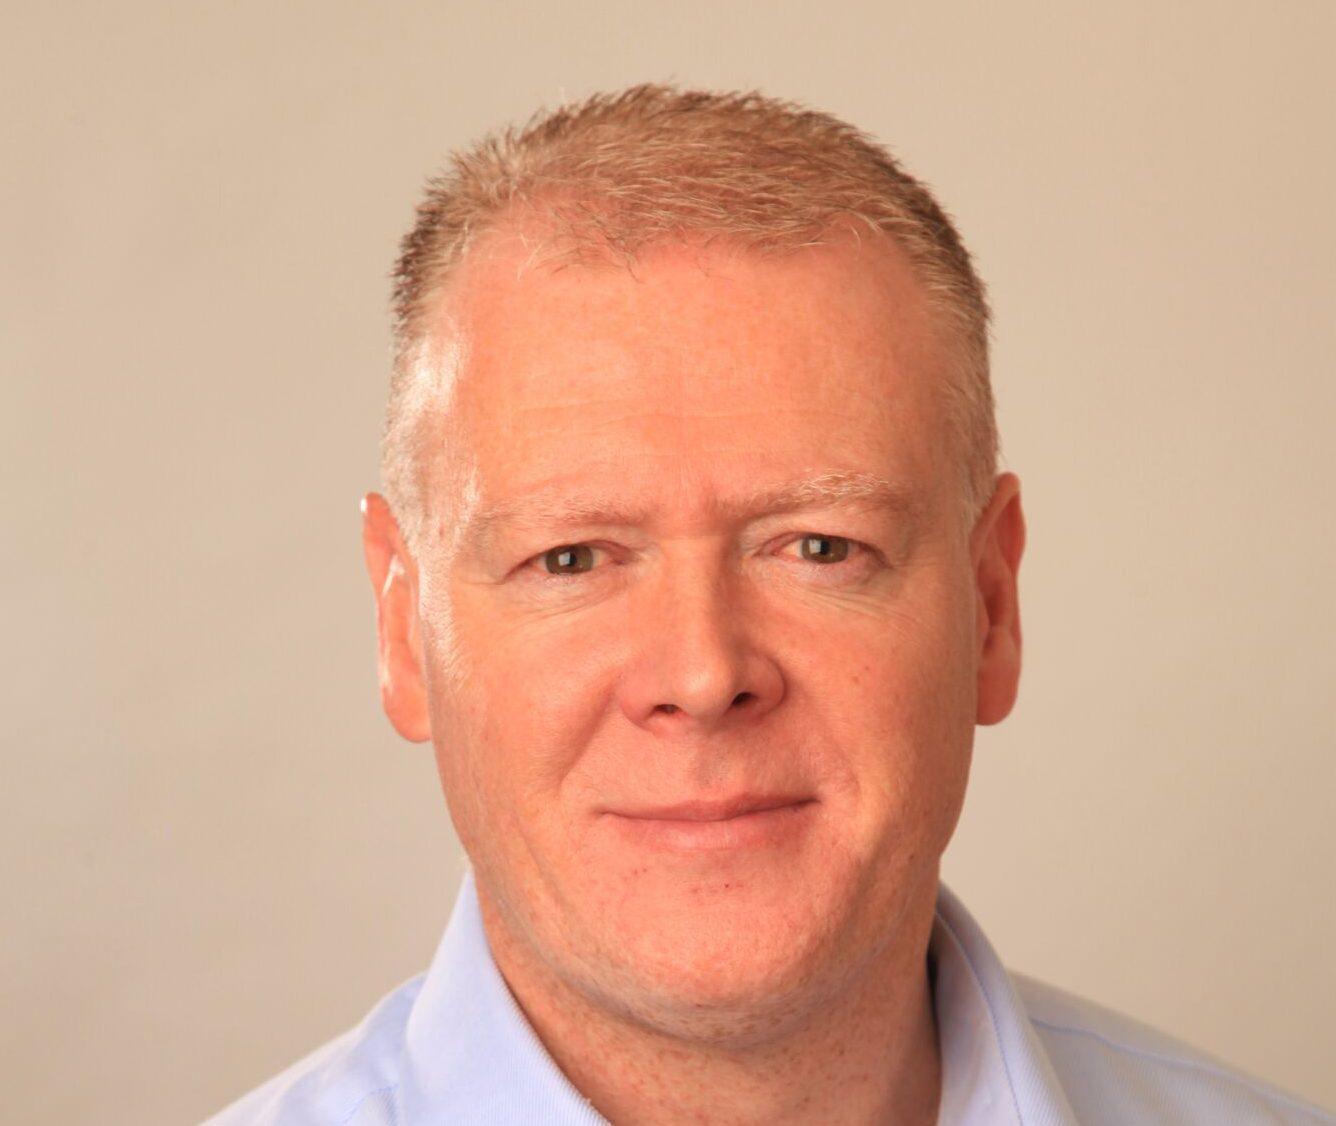 Scott Cairns